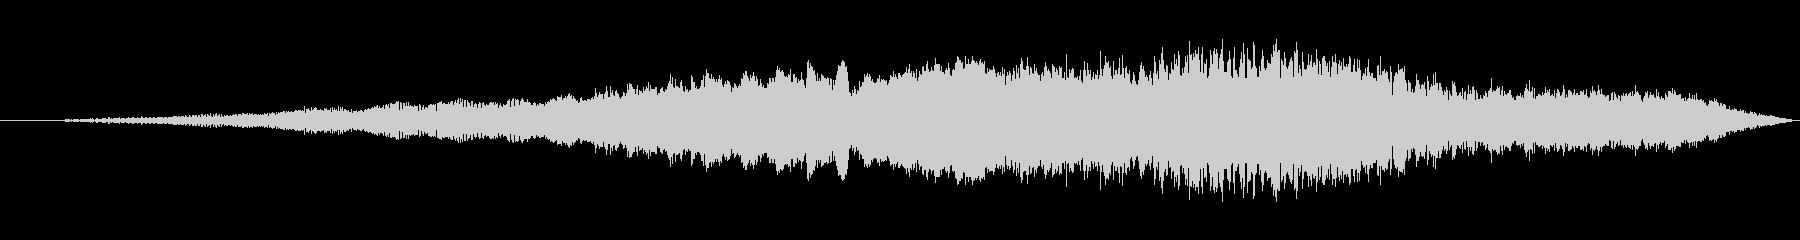 ロングシンセワインドアップの未再生の波形